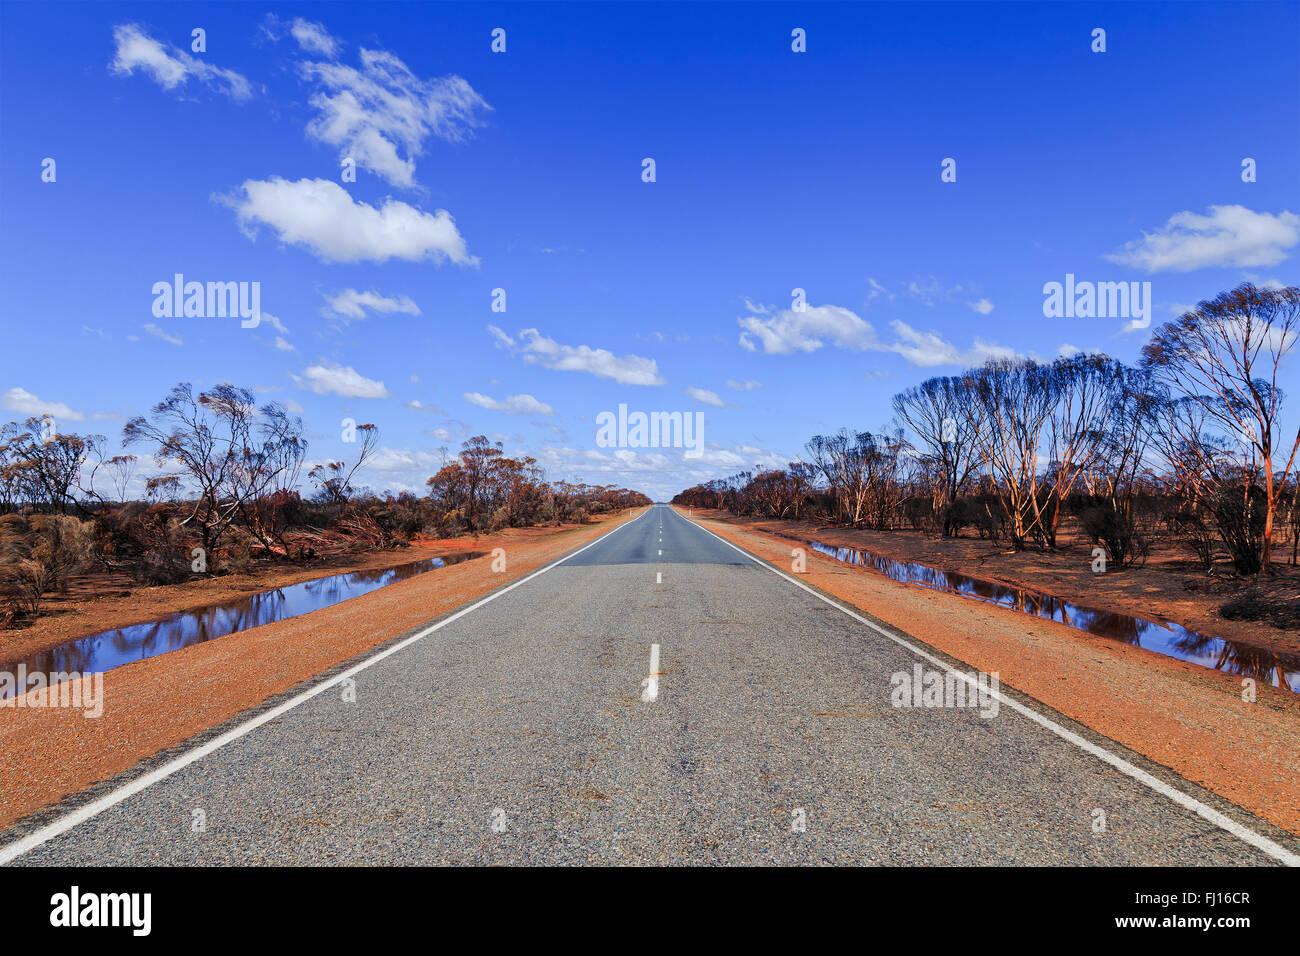 Ancho de carretera sellados vacío en Australia Occidental después de graves incendios destruyendo bosques Imagen De Stock